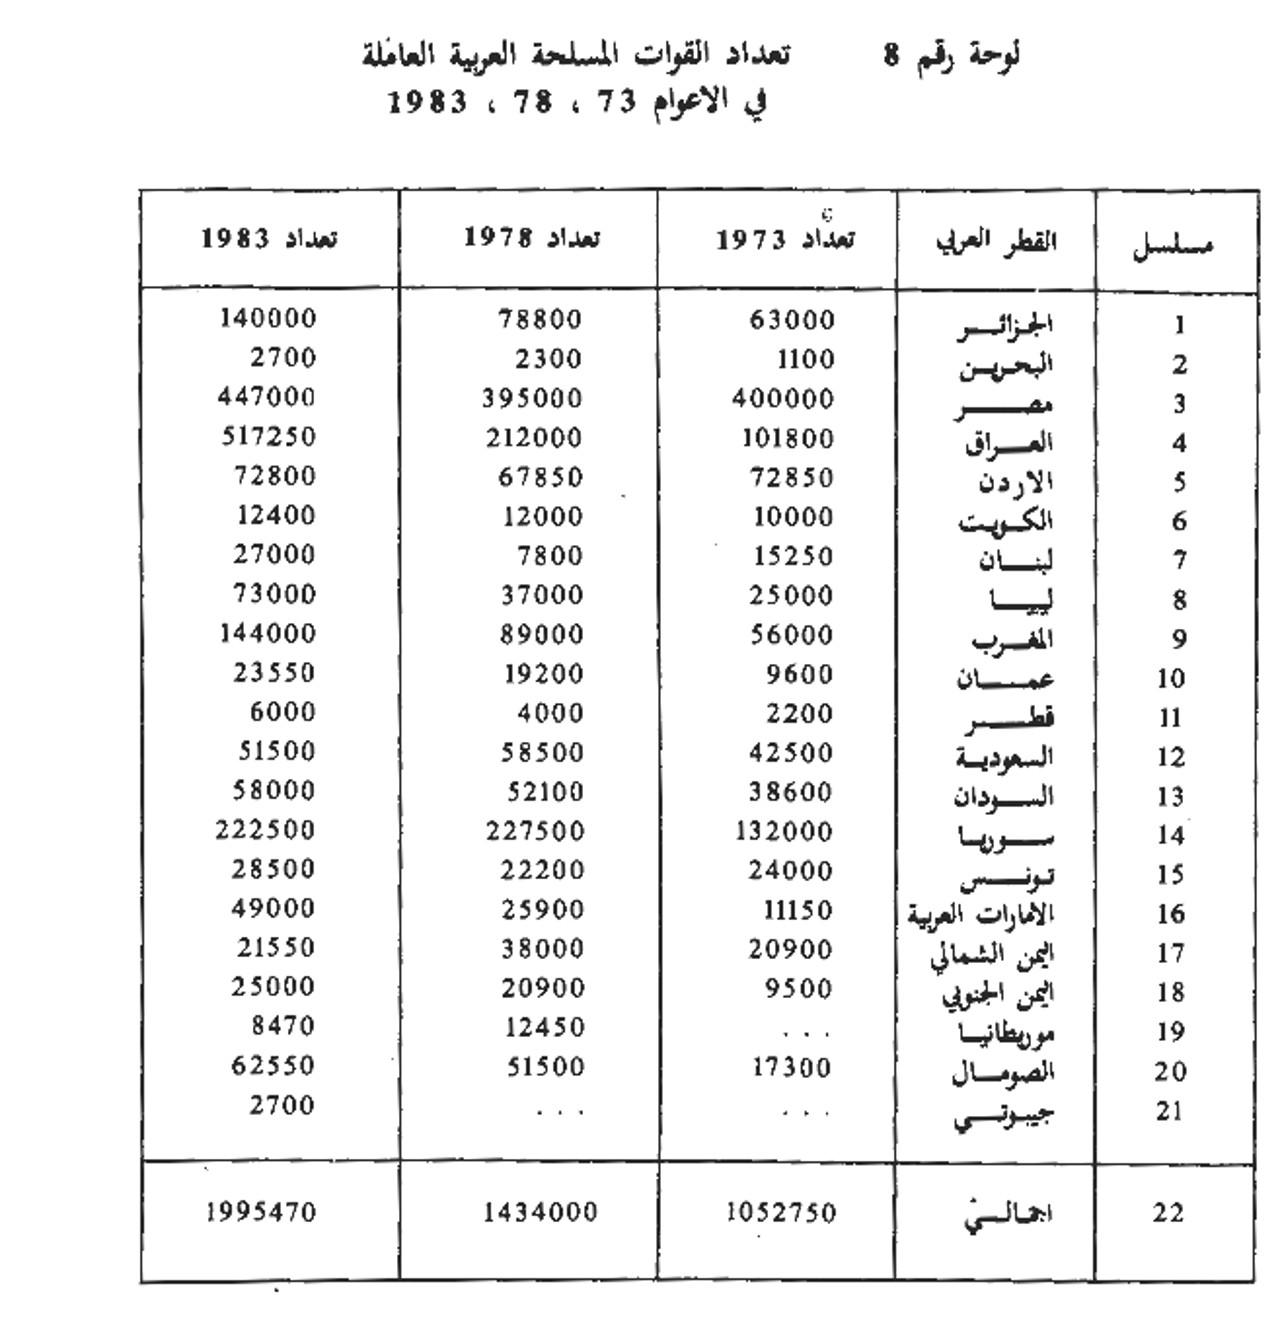 تعداد القوات المسلحة العاملة أعوام 1978 ،1973 ،1983